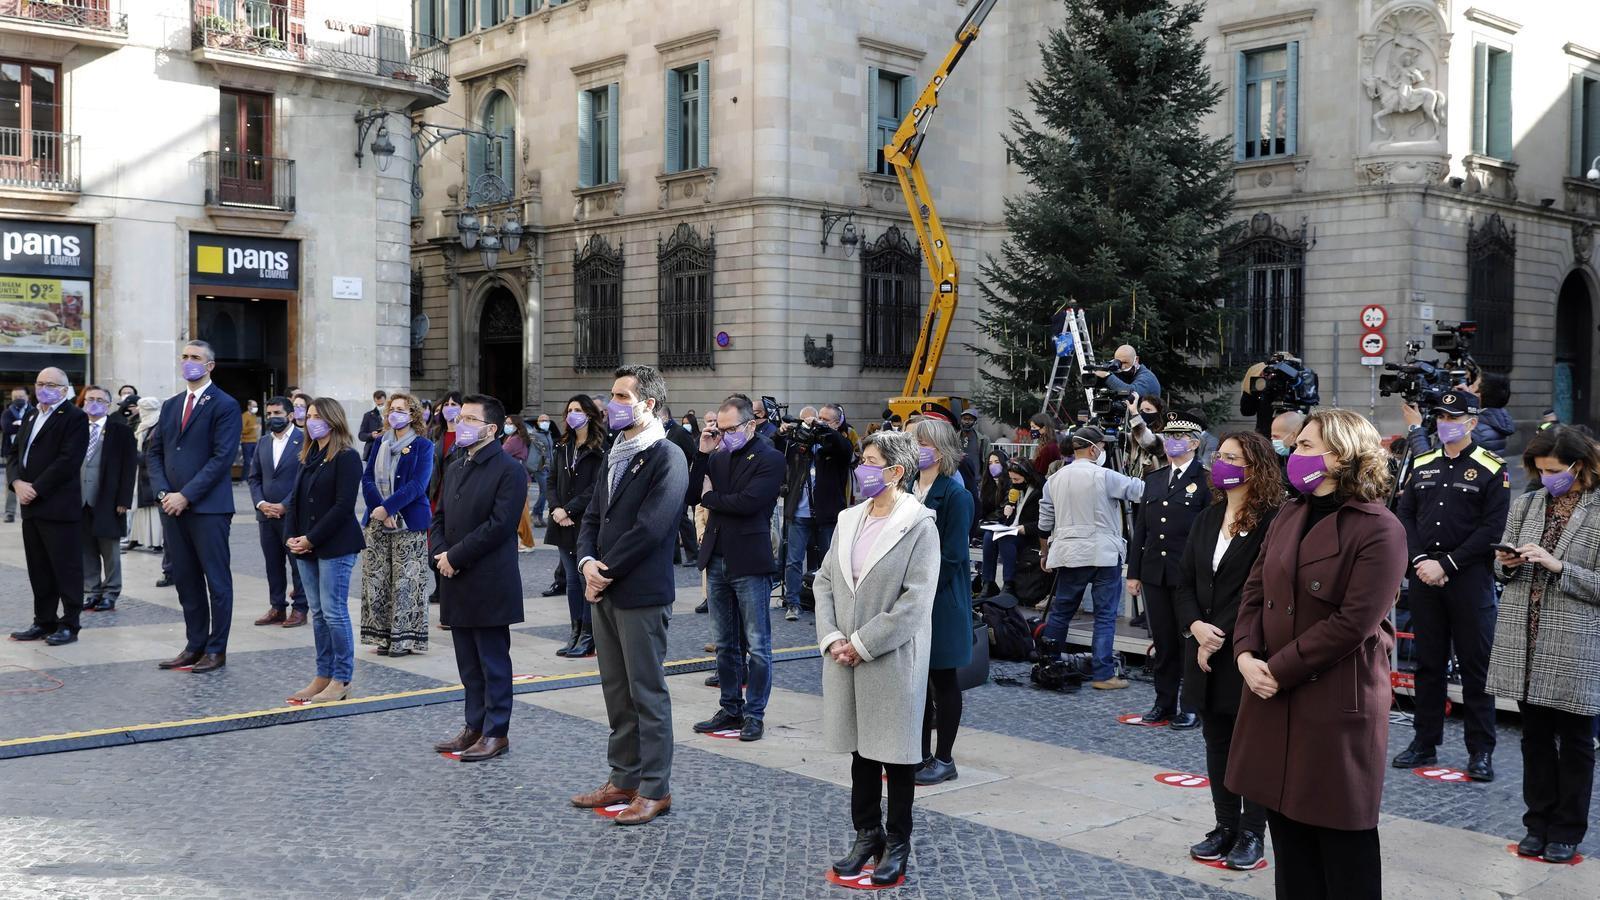 Les diferents administracions han fet un acte institucional conjunt aquest migdia a la plaça Sant Jaume de Barcelona pel 25-N